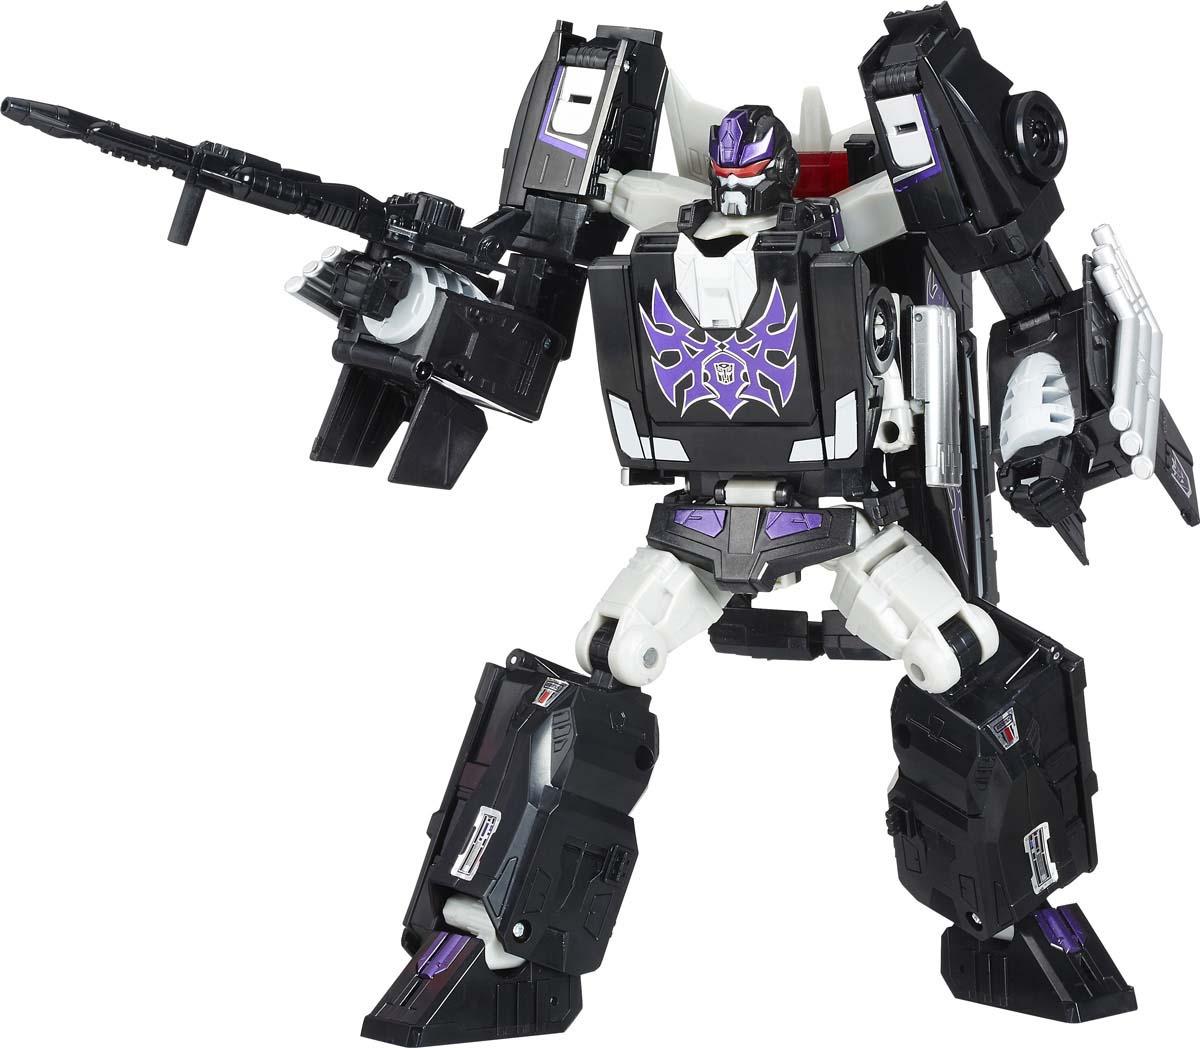 Игрушка трансформер Transformers Дженерейшнз Лидер. E0601EU4_Е1150 transformers трансформер combiner force windblade